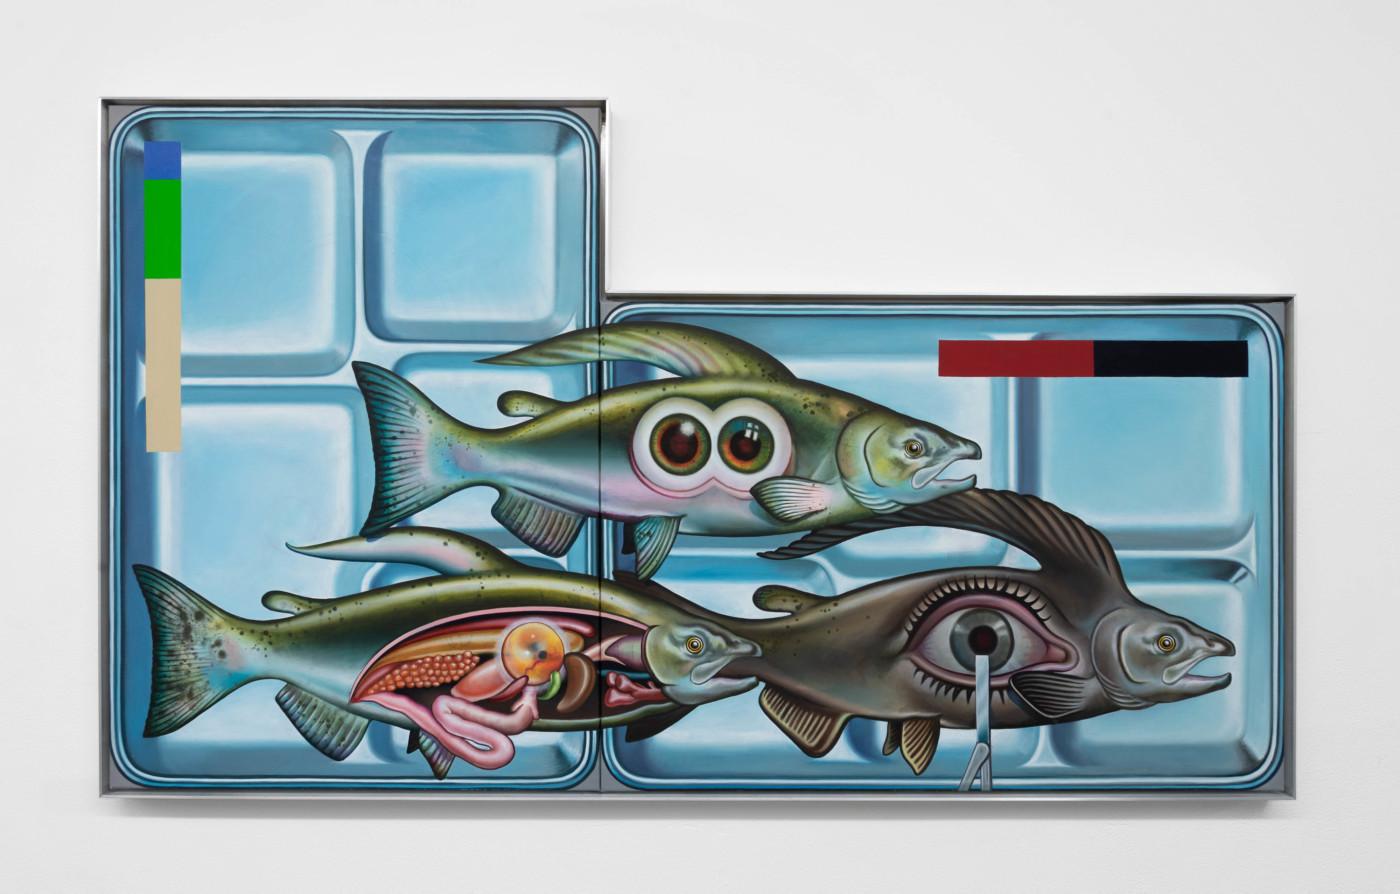 ORION MARTIN  M.R.E.  2021 Oil on linen, aluminum frame 69,9 x 120,7 cm / 27 1/2 x 47 5/8 in - High Art Gallery Paris